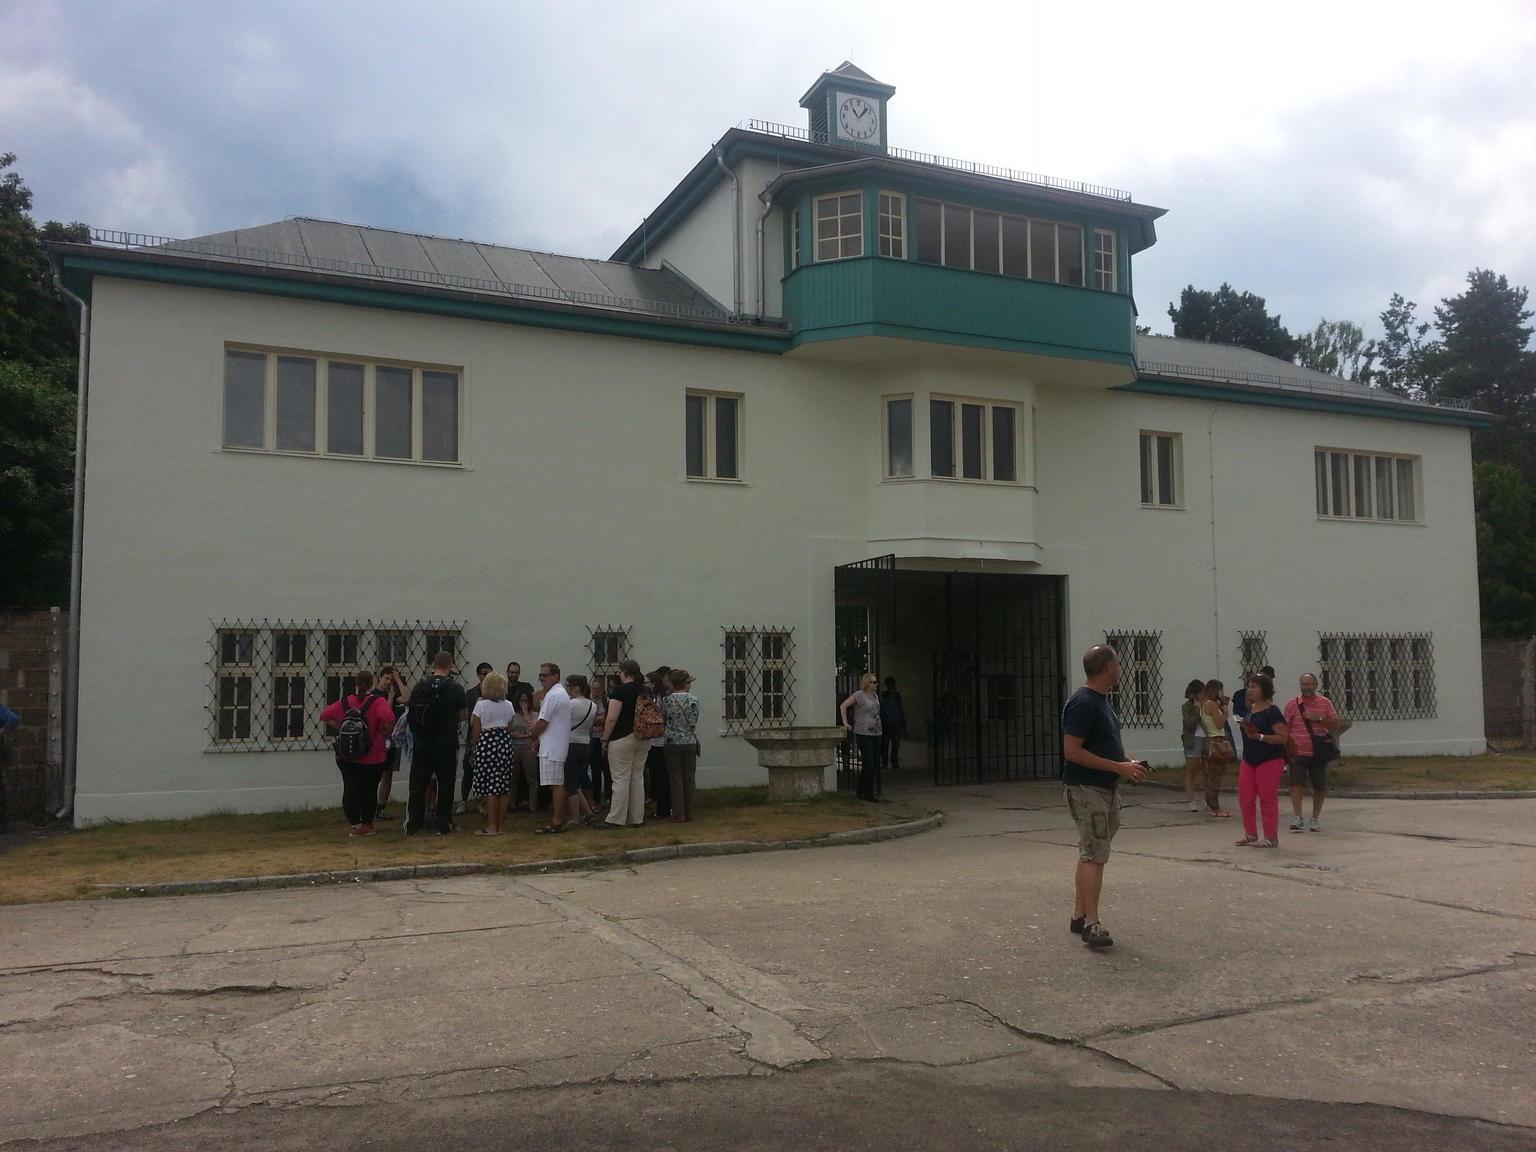 MORE PHOTOS, Sachsenhausen Concentration Camp Memorial Walking Tour